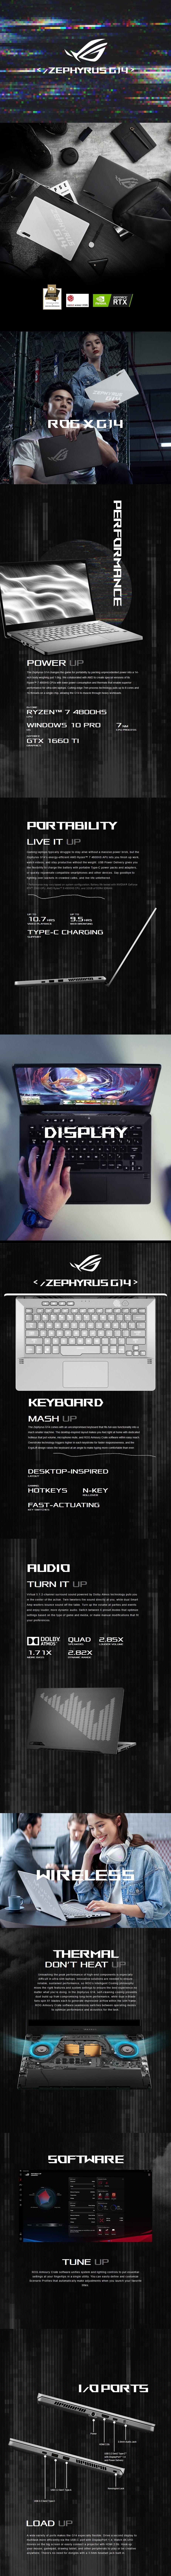 asus-rog-zephyrus-g14-14-gaming-laptop-r74800hs-16gb-512gb-1660ti-w10p-white-ac36507-7.jpg